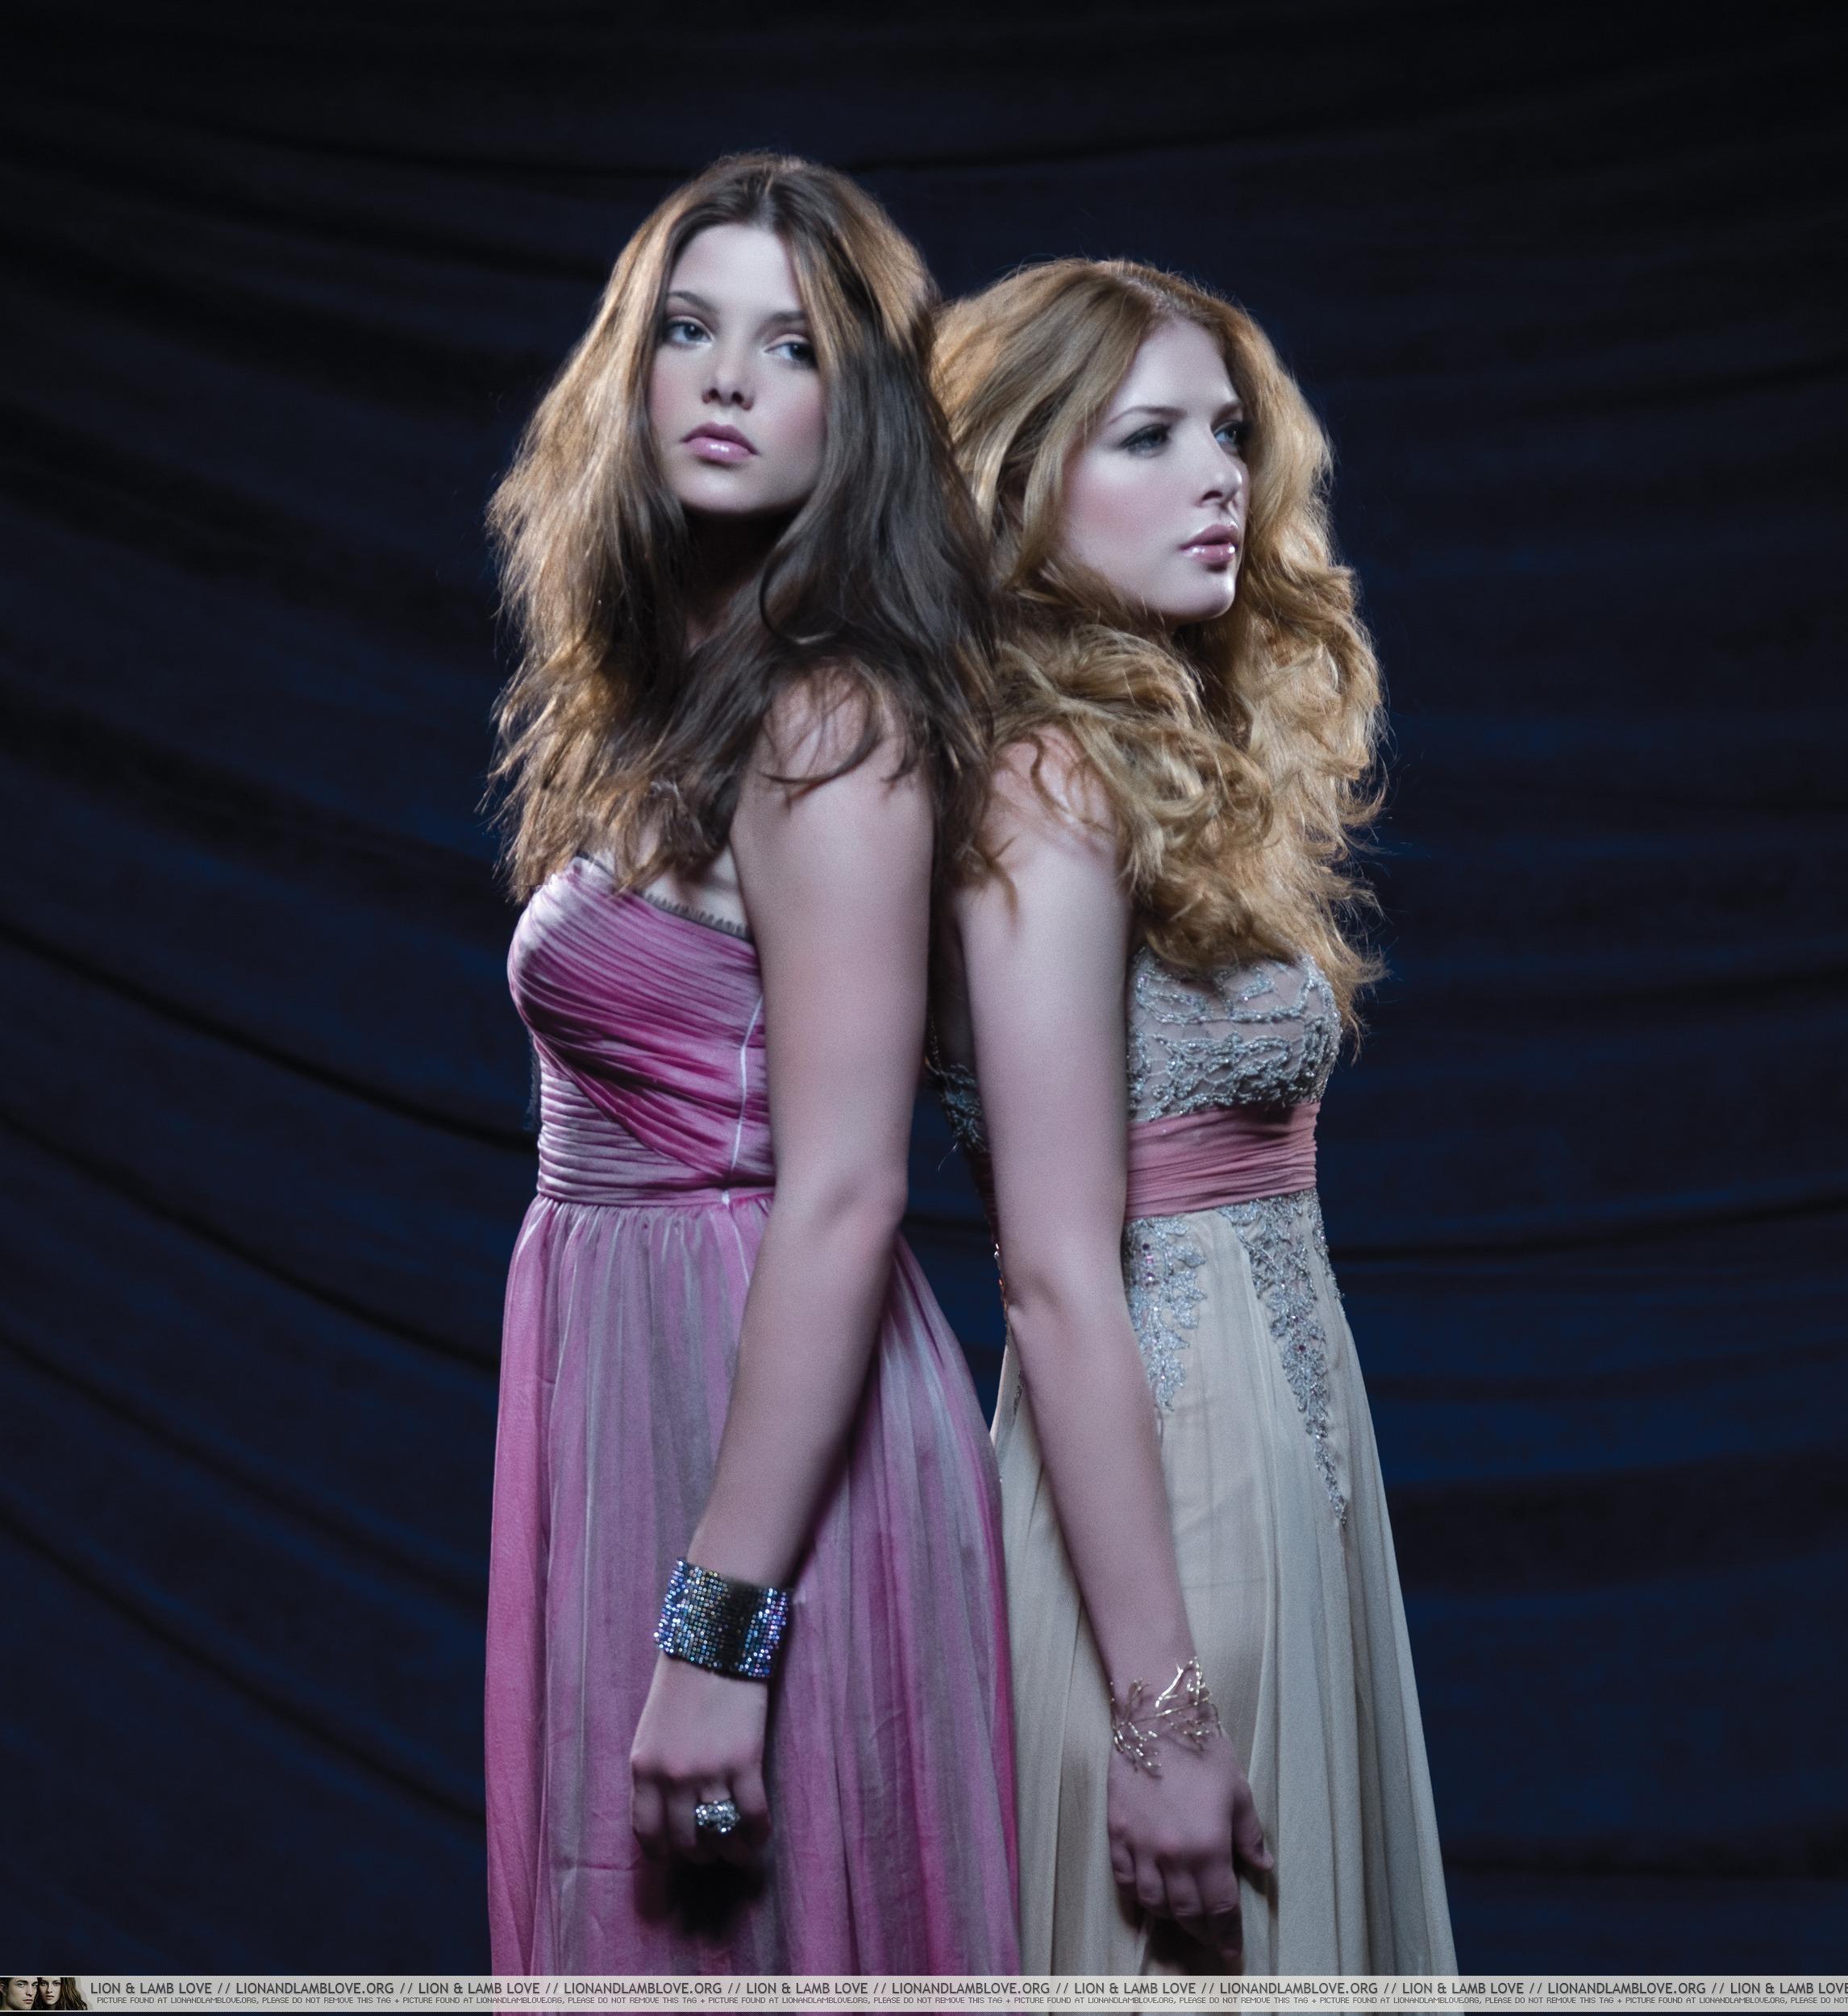 New/ Old Photos of Ashley from H Magazine - ashley-greene photo